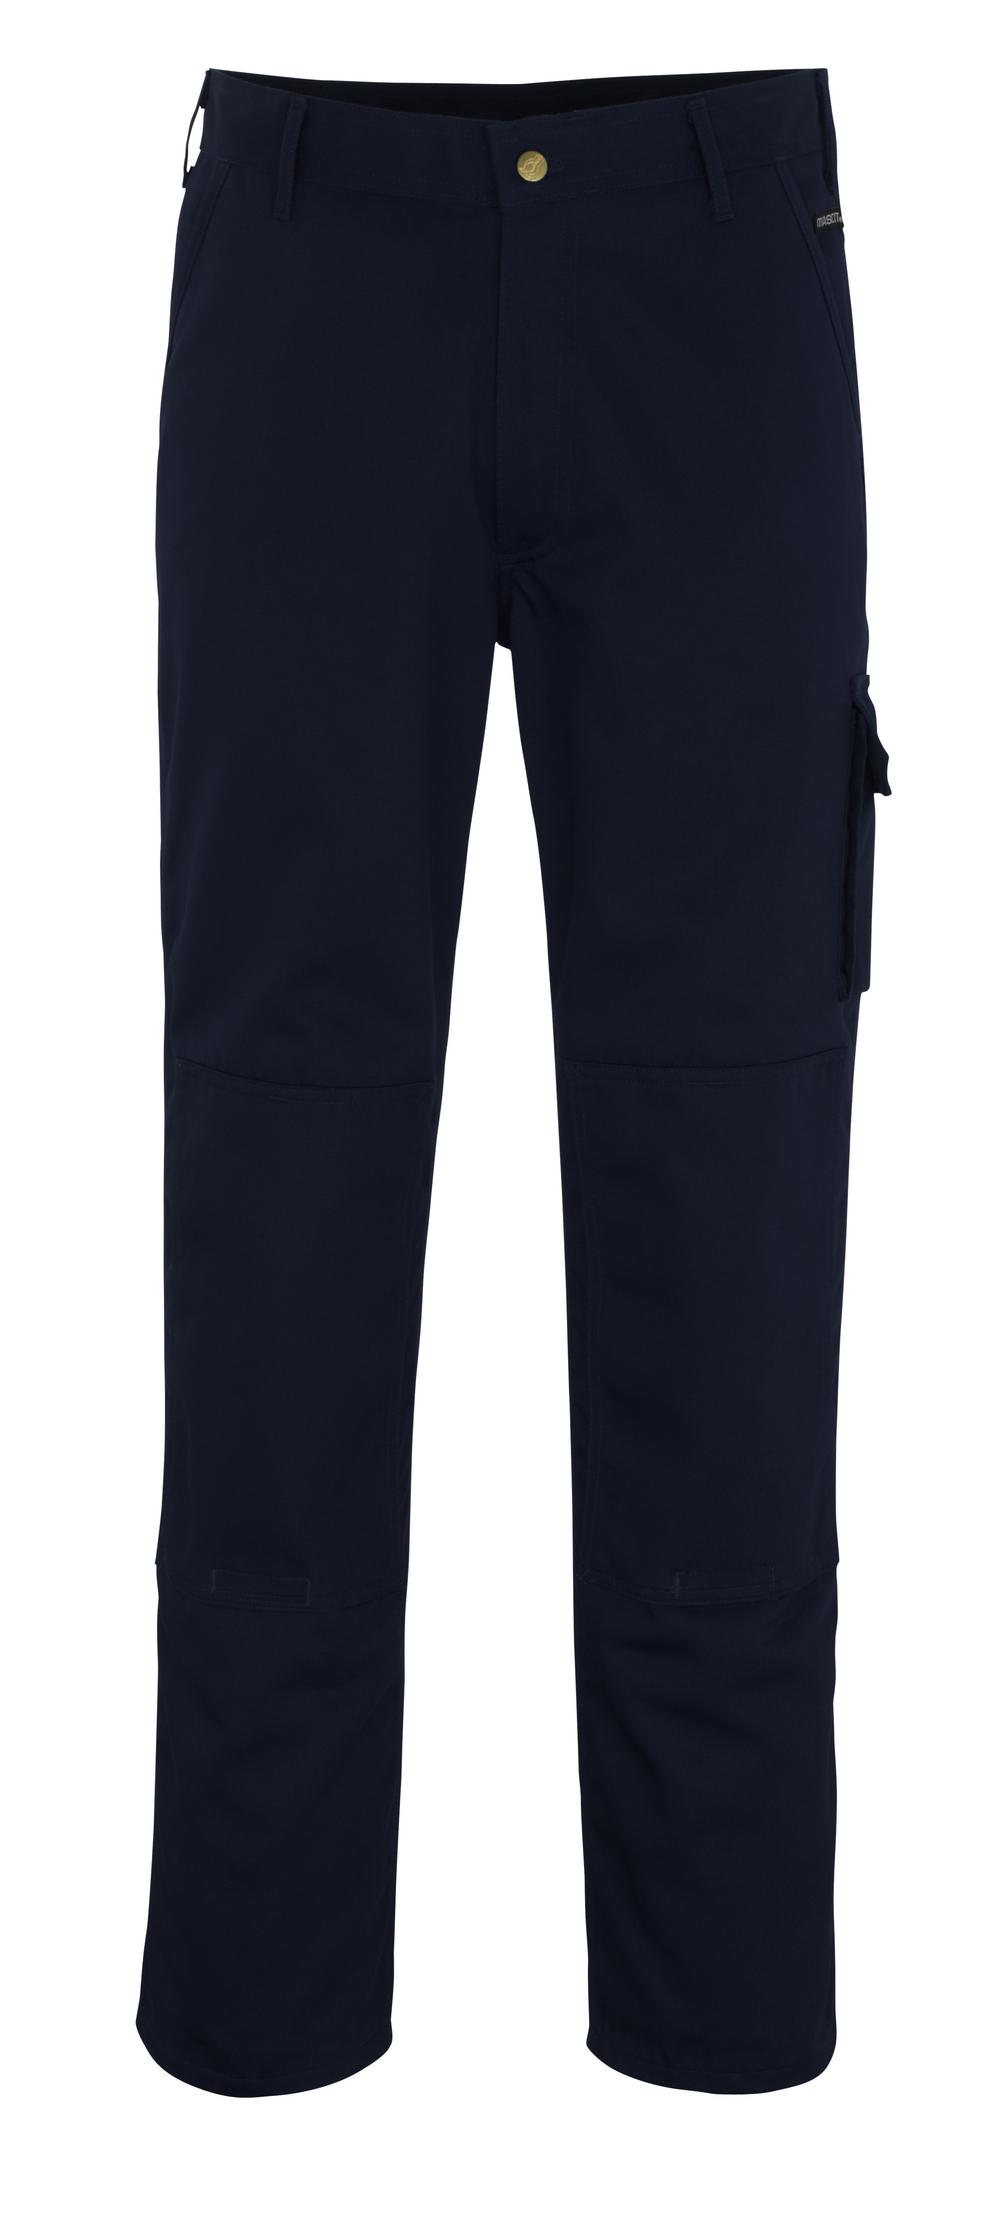 00279-430-01 Arbeitshose - Marine